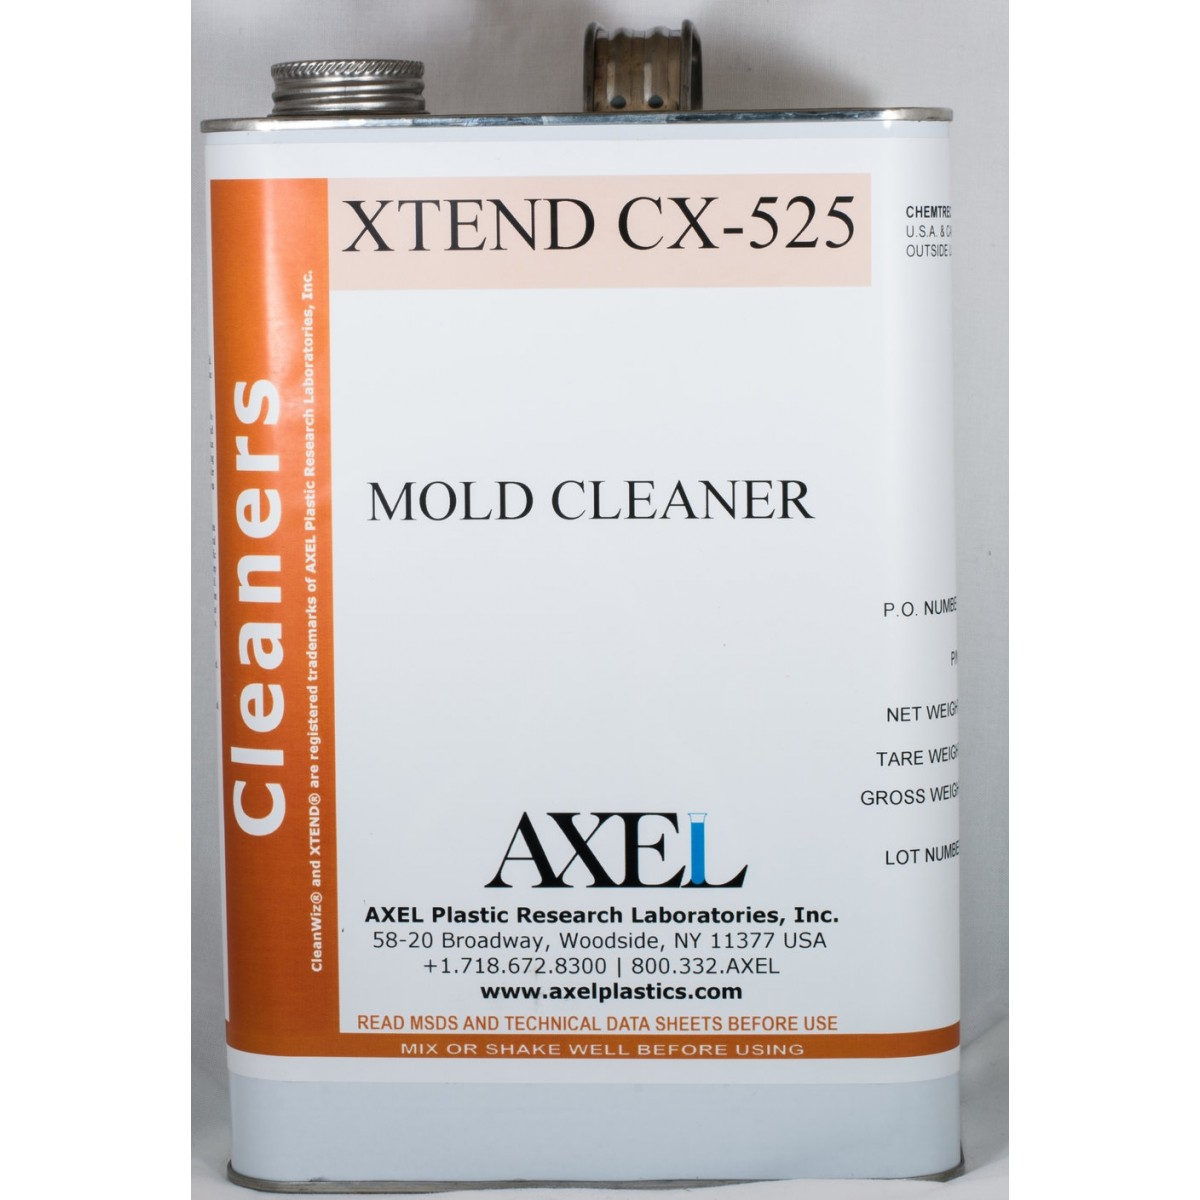 Axel XTEND CX-525-31